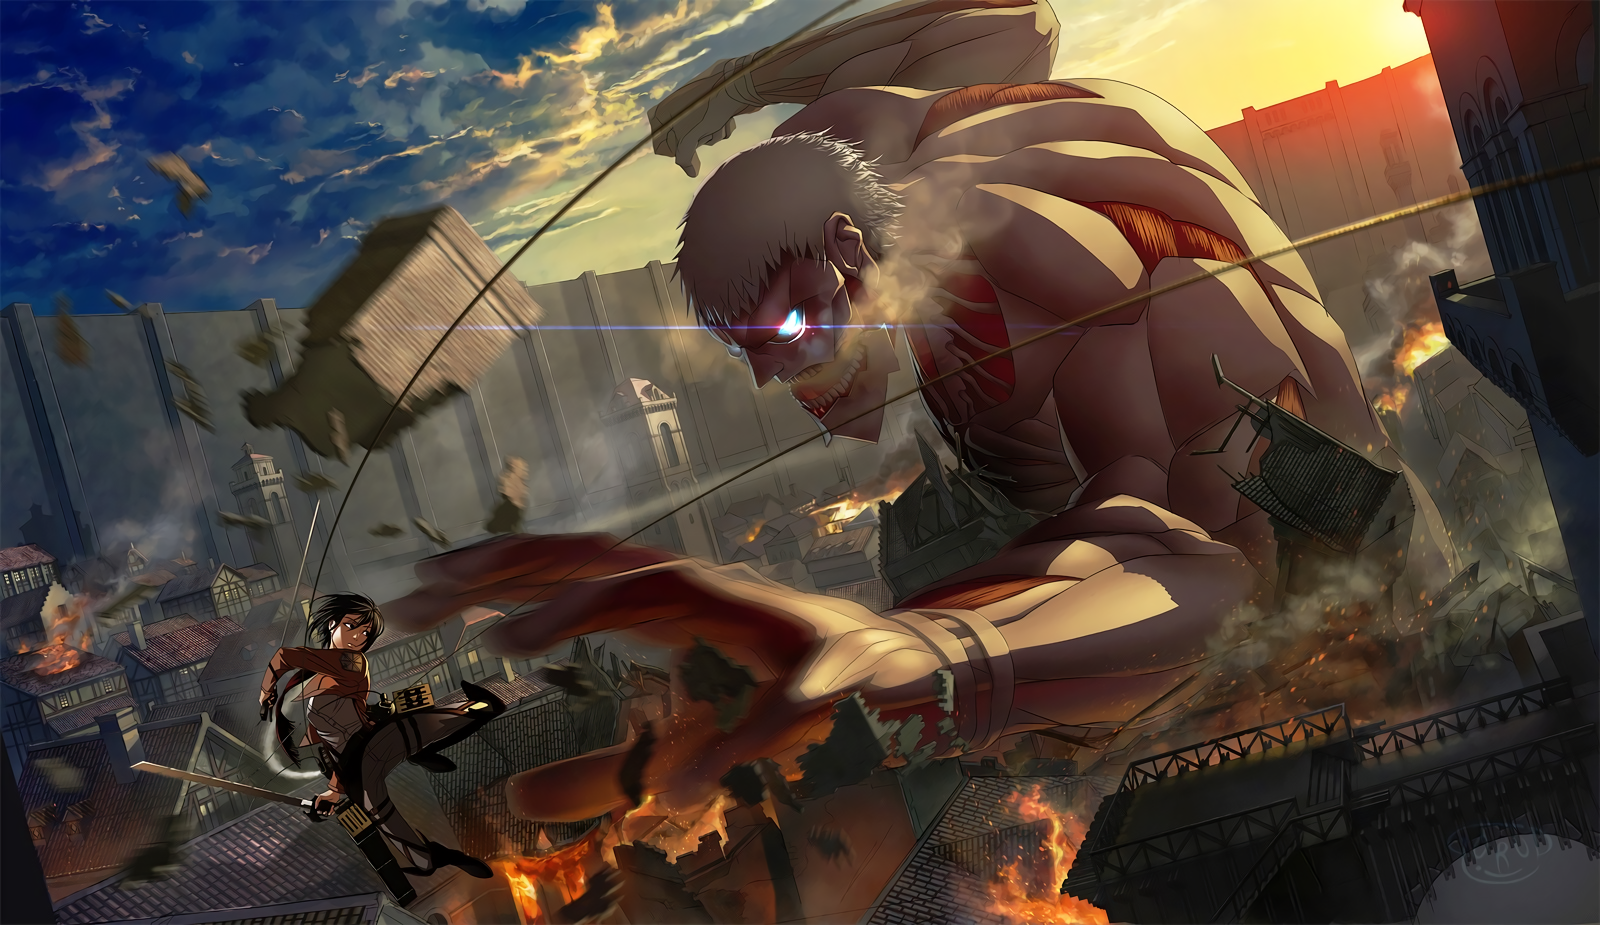 Wallpapers Attack on titan season, Attack on titan art